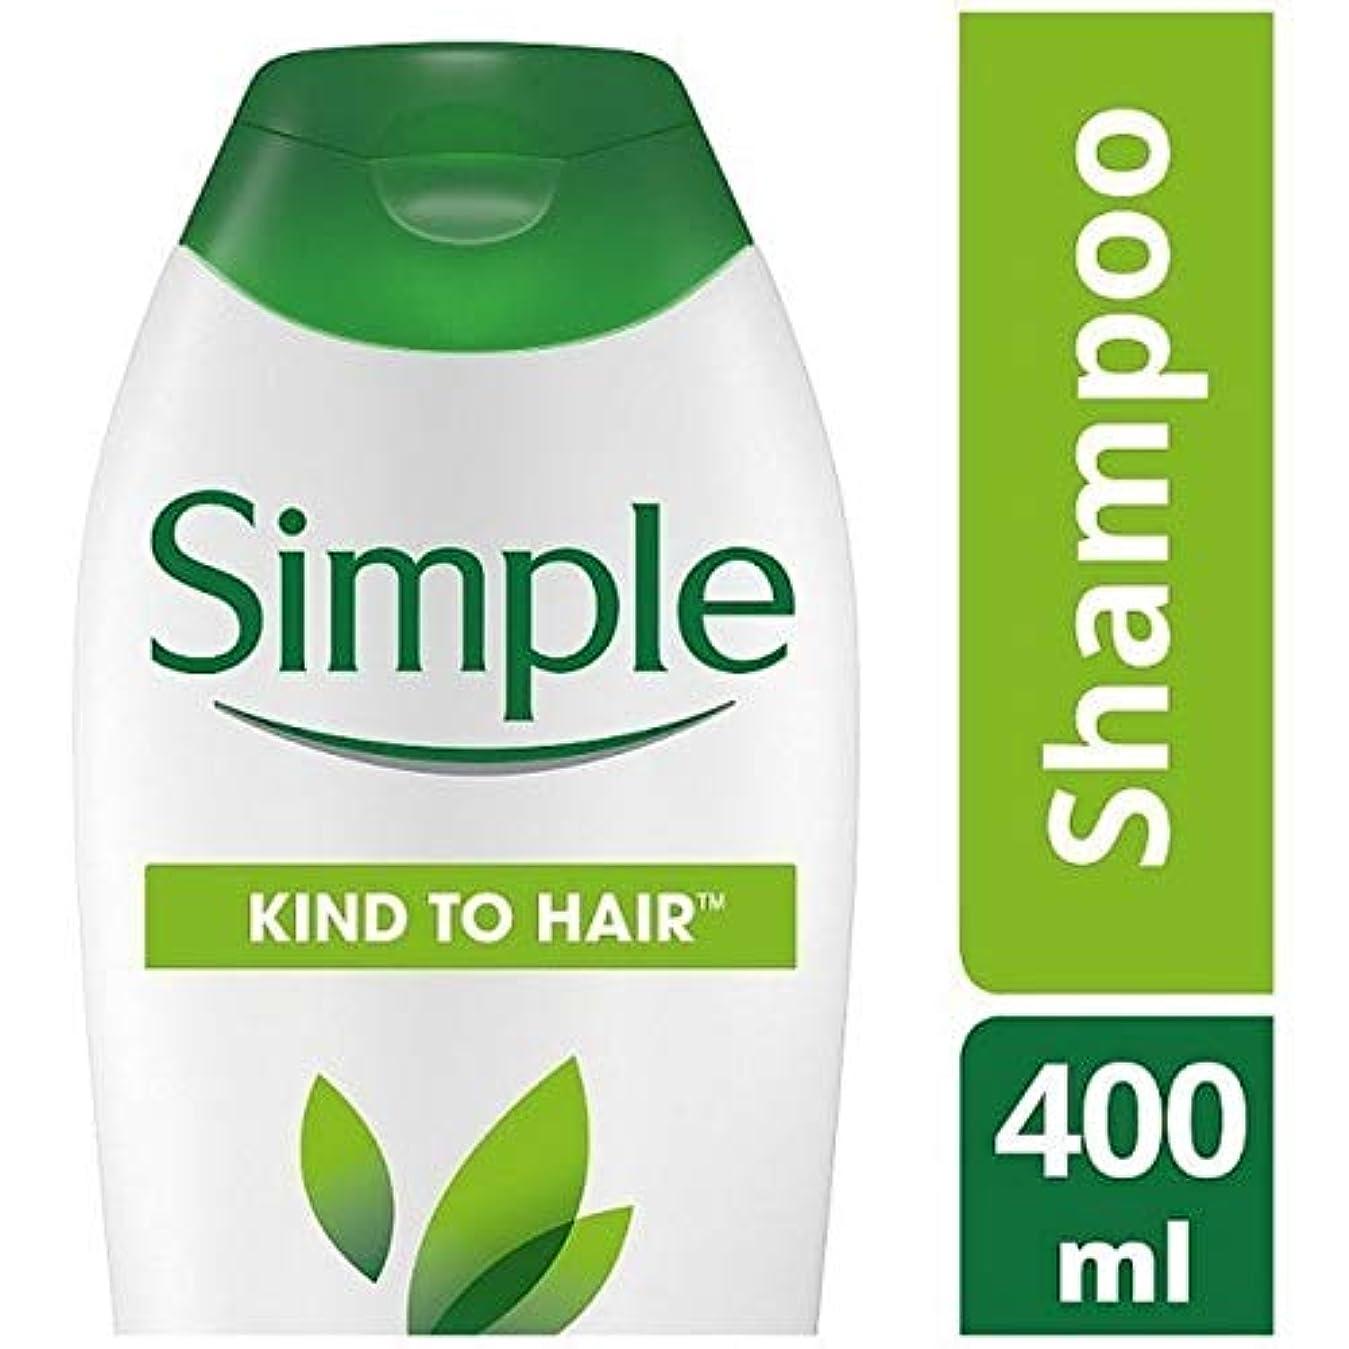 札入れ知覚的十分な[Simple ] シンプルなシャンプー優しくケア400ミリリットル - Simple Shampoo Gentle Care 400ml [並行輸入品]